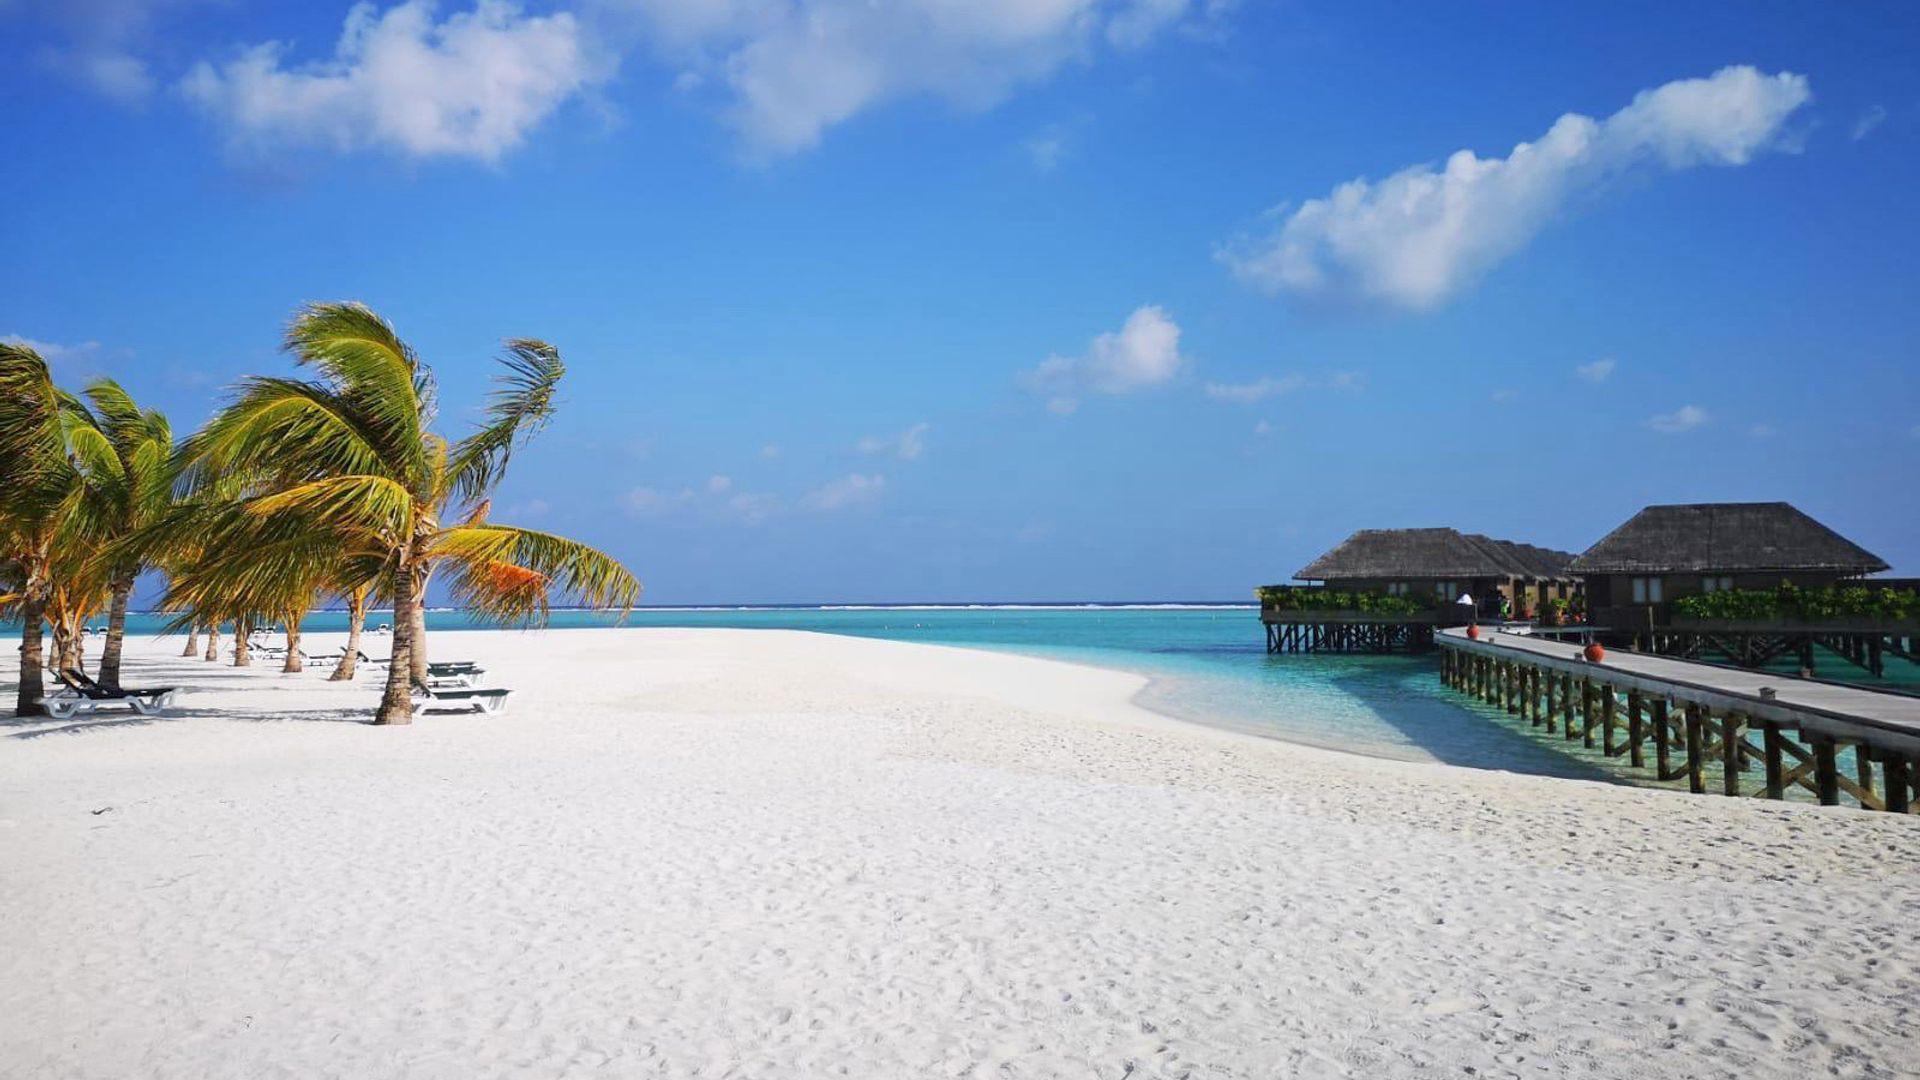 Sejur plaja Maldive, 12 zile - februarie 2022